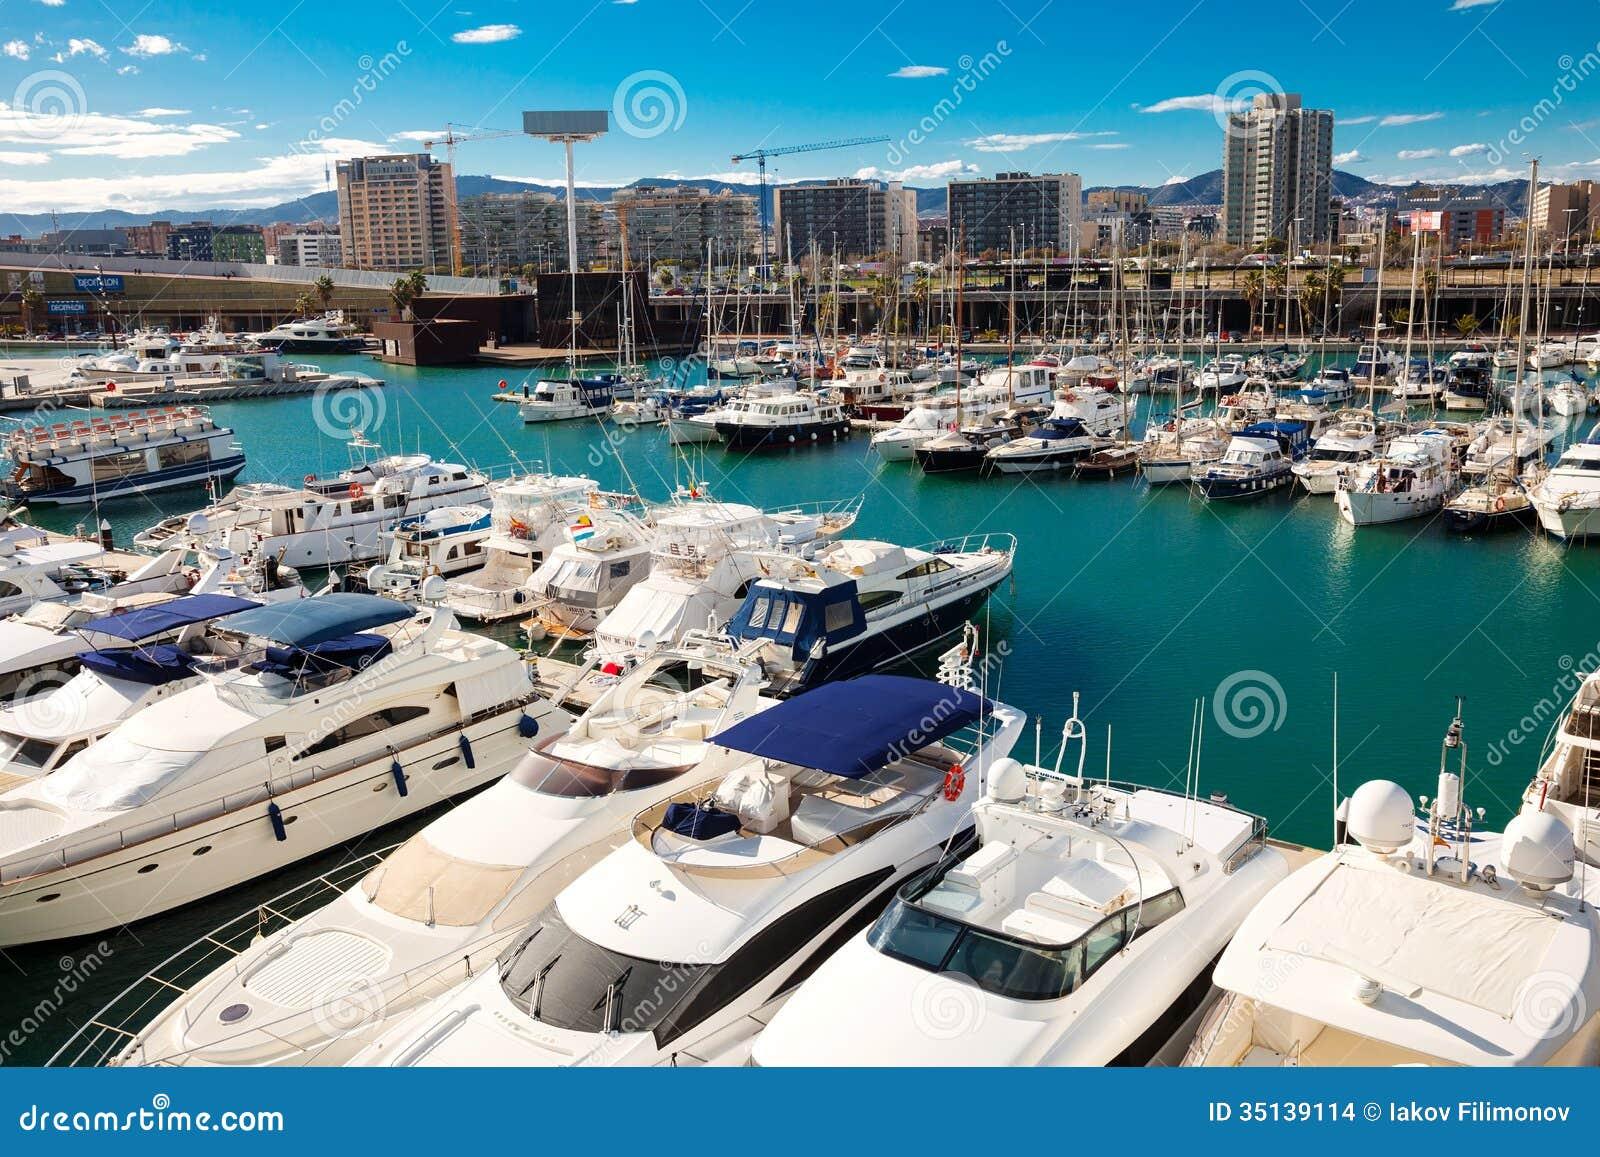 Forum de port barcelone espagne image stock ditorial image 35139114 - Port de plaisance barcelone ...